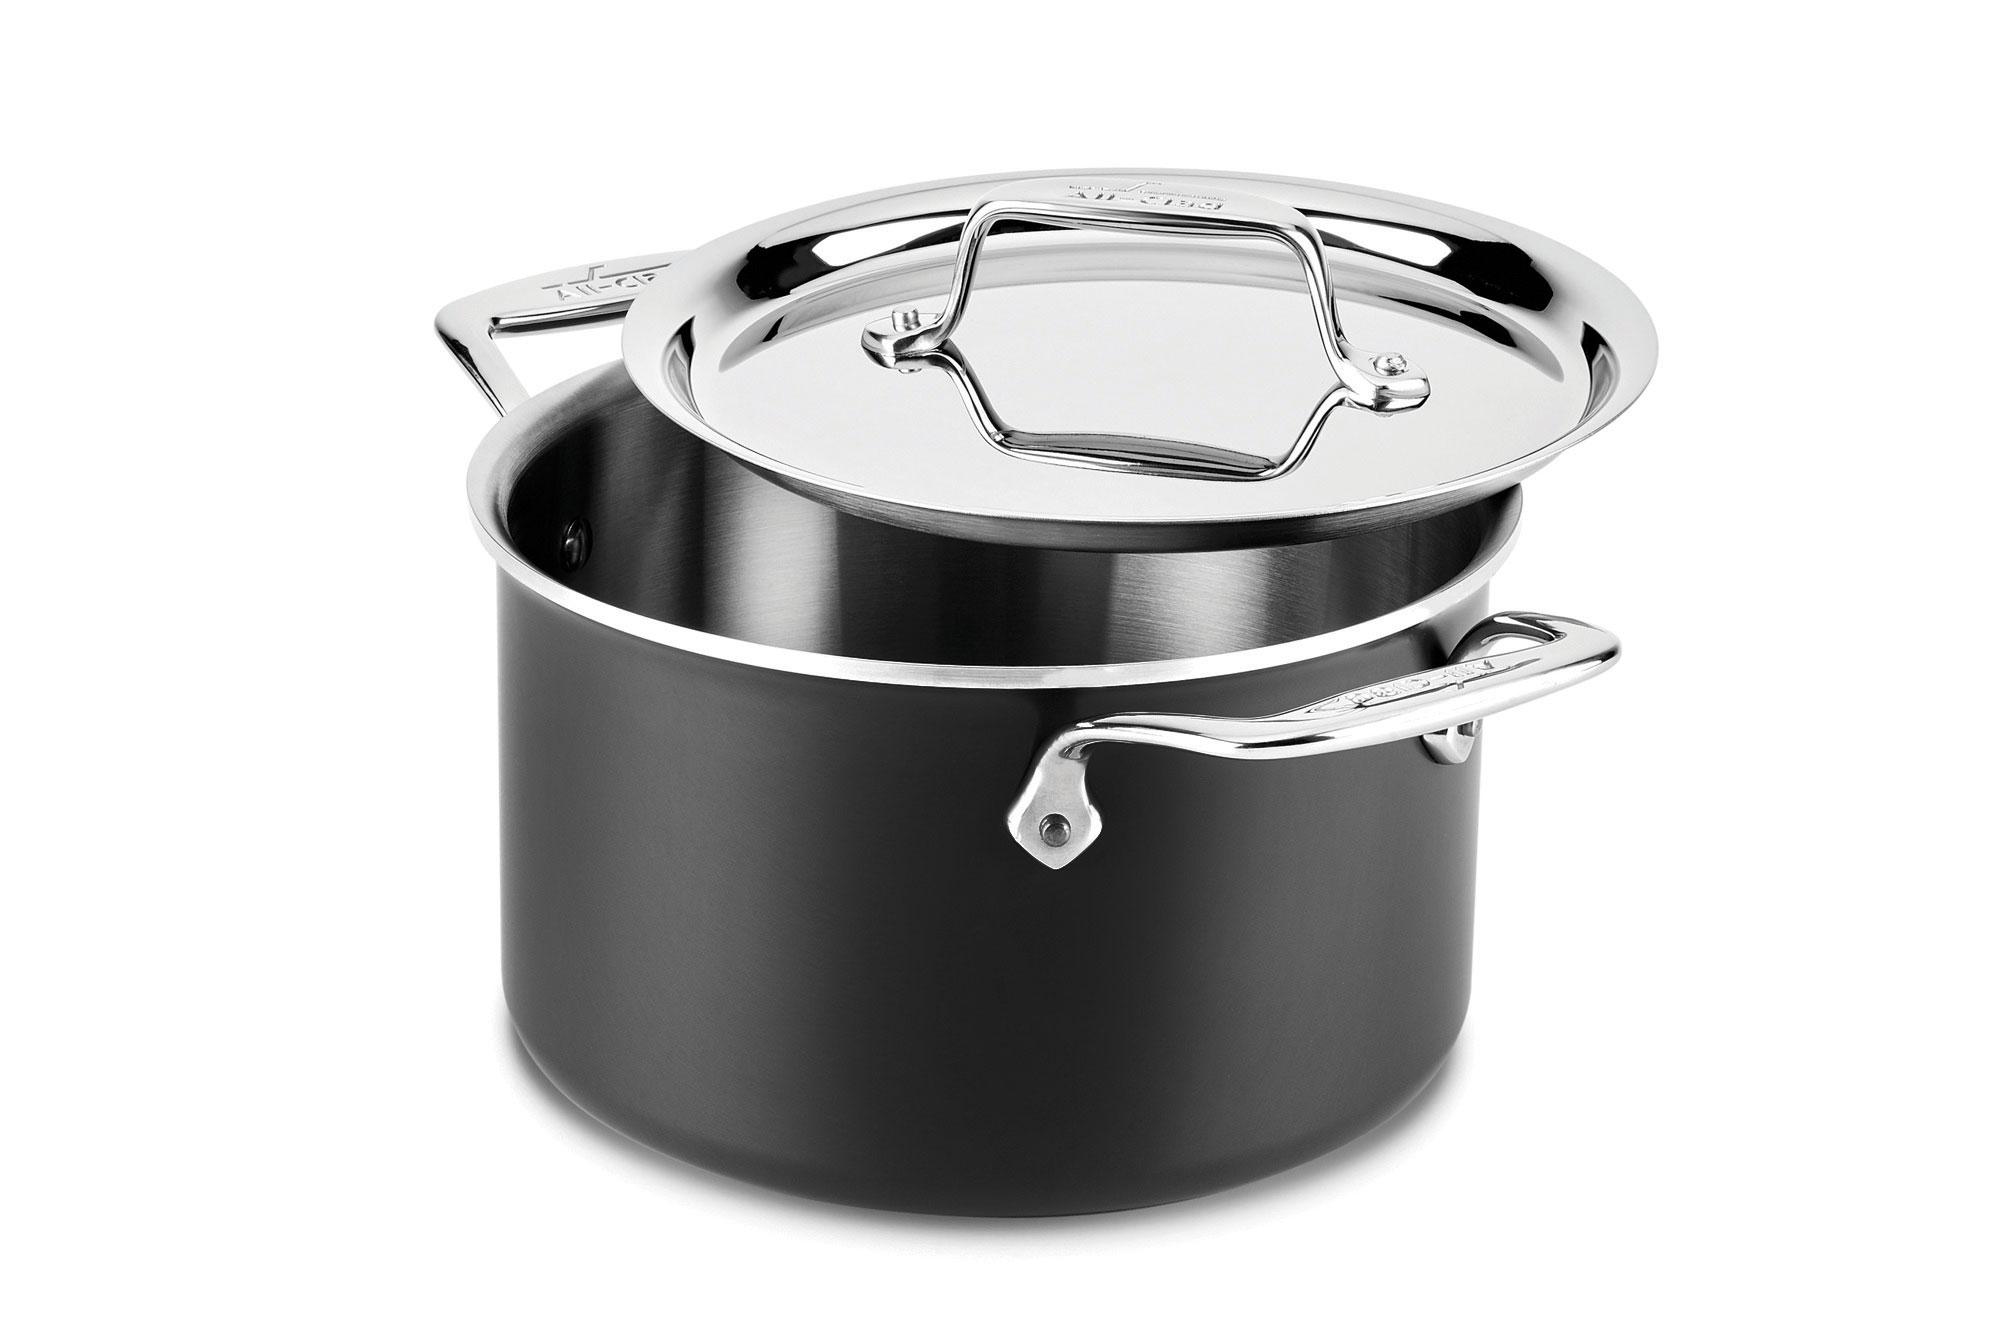 All Clad Ltd Soup Pot 4 Quart Cutlery And More